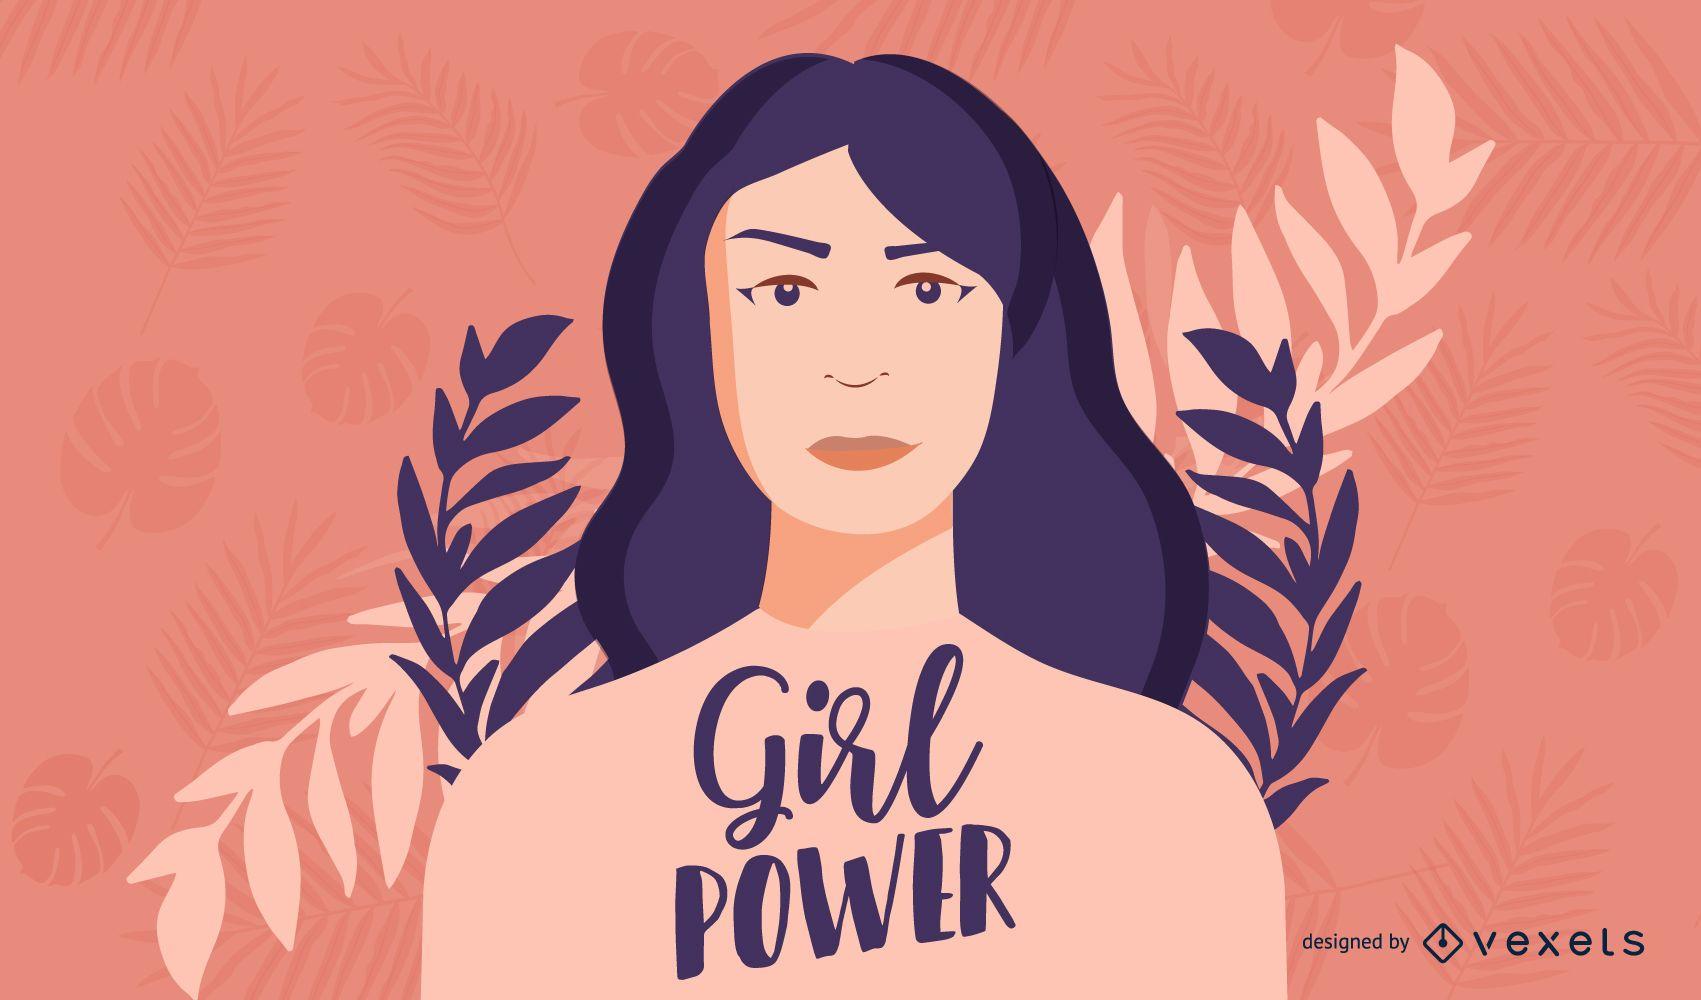 Dise?o de ilustraci?n de Girl Power